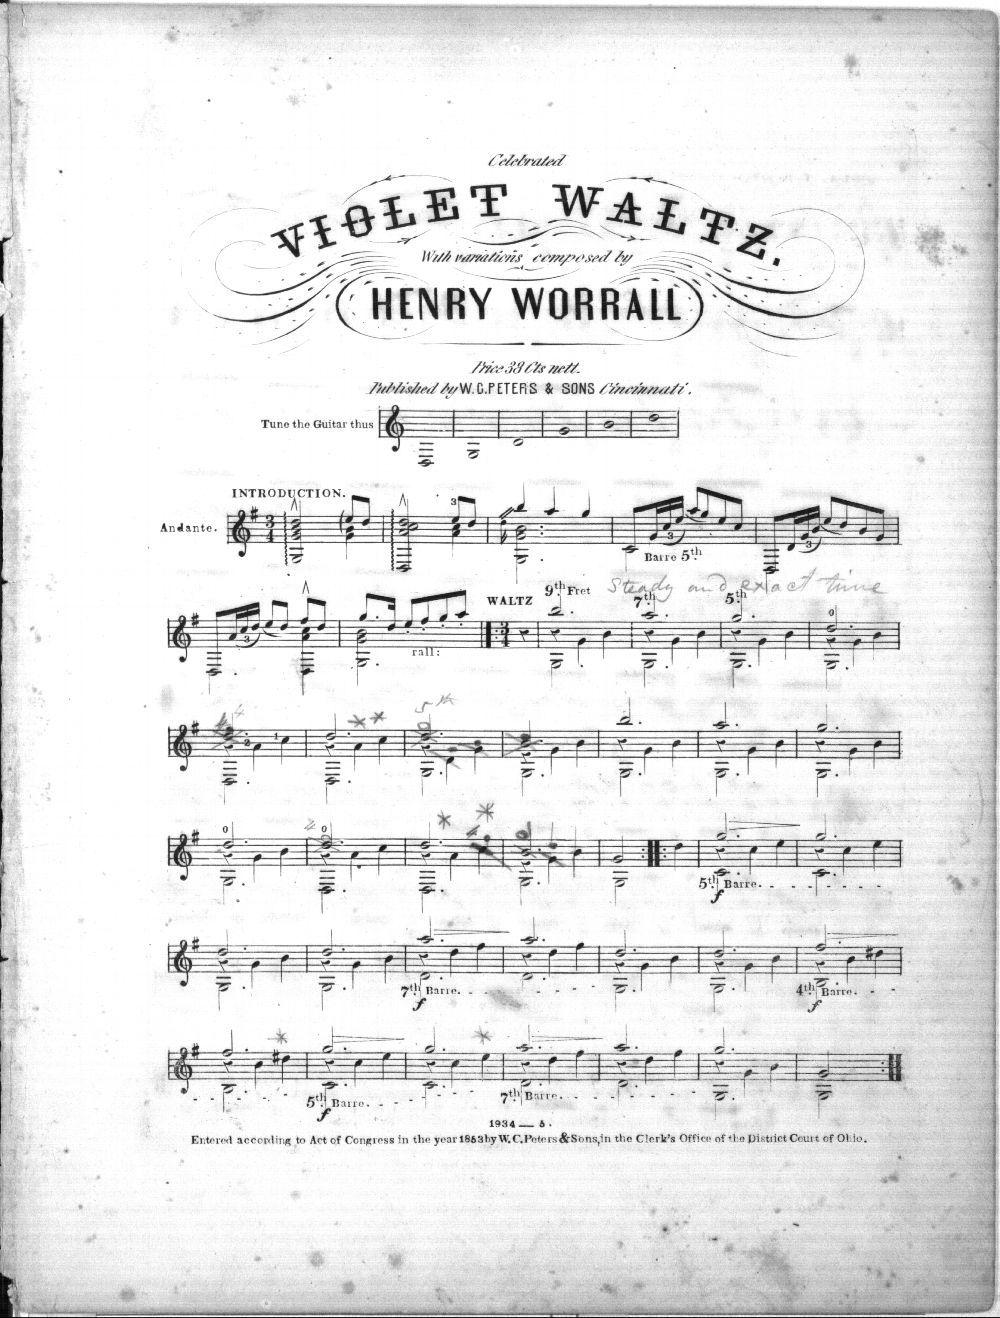 Celebrated violet waltz varied for the guitar - 2